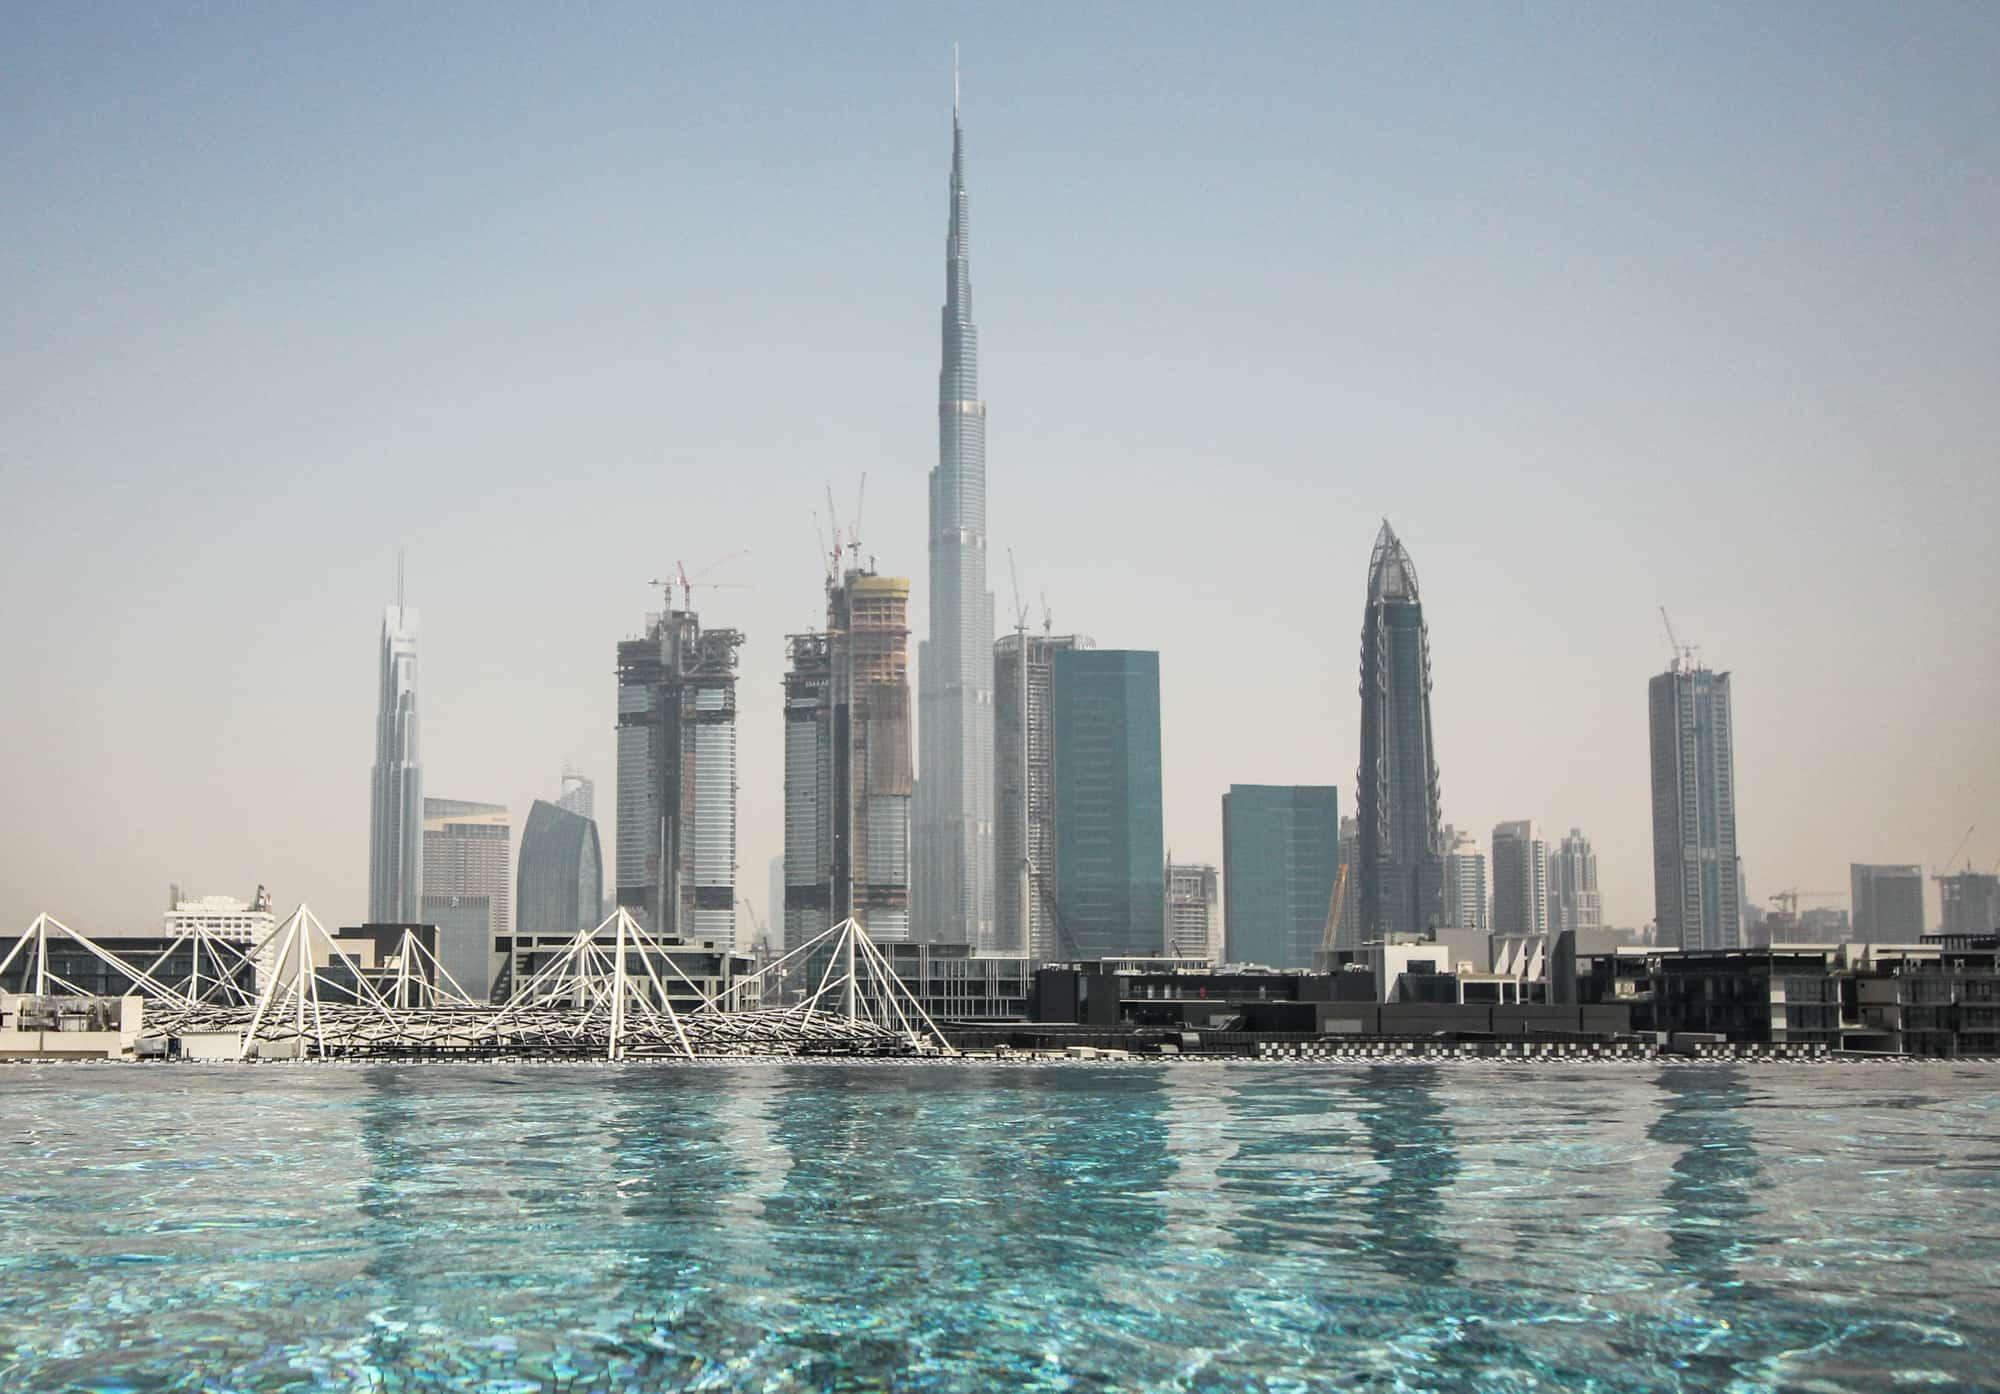 Fotospots in Dubai